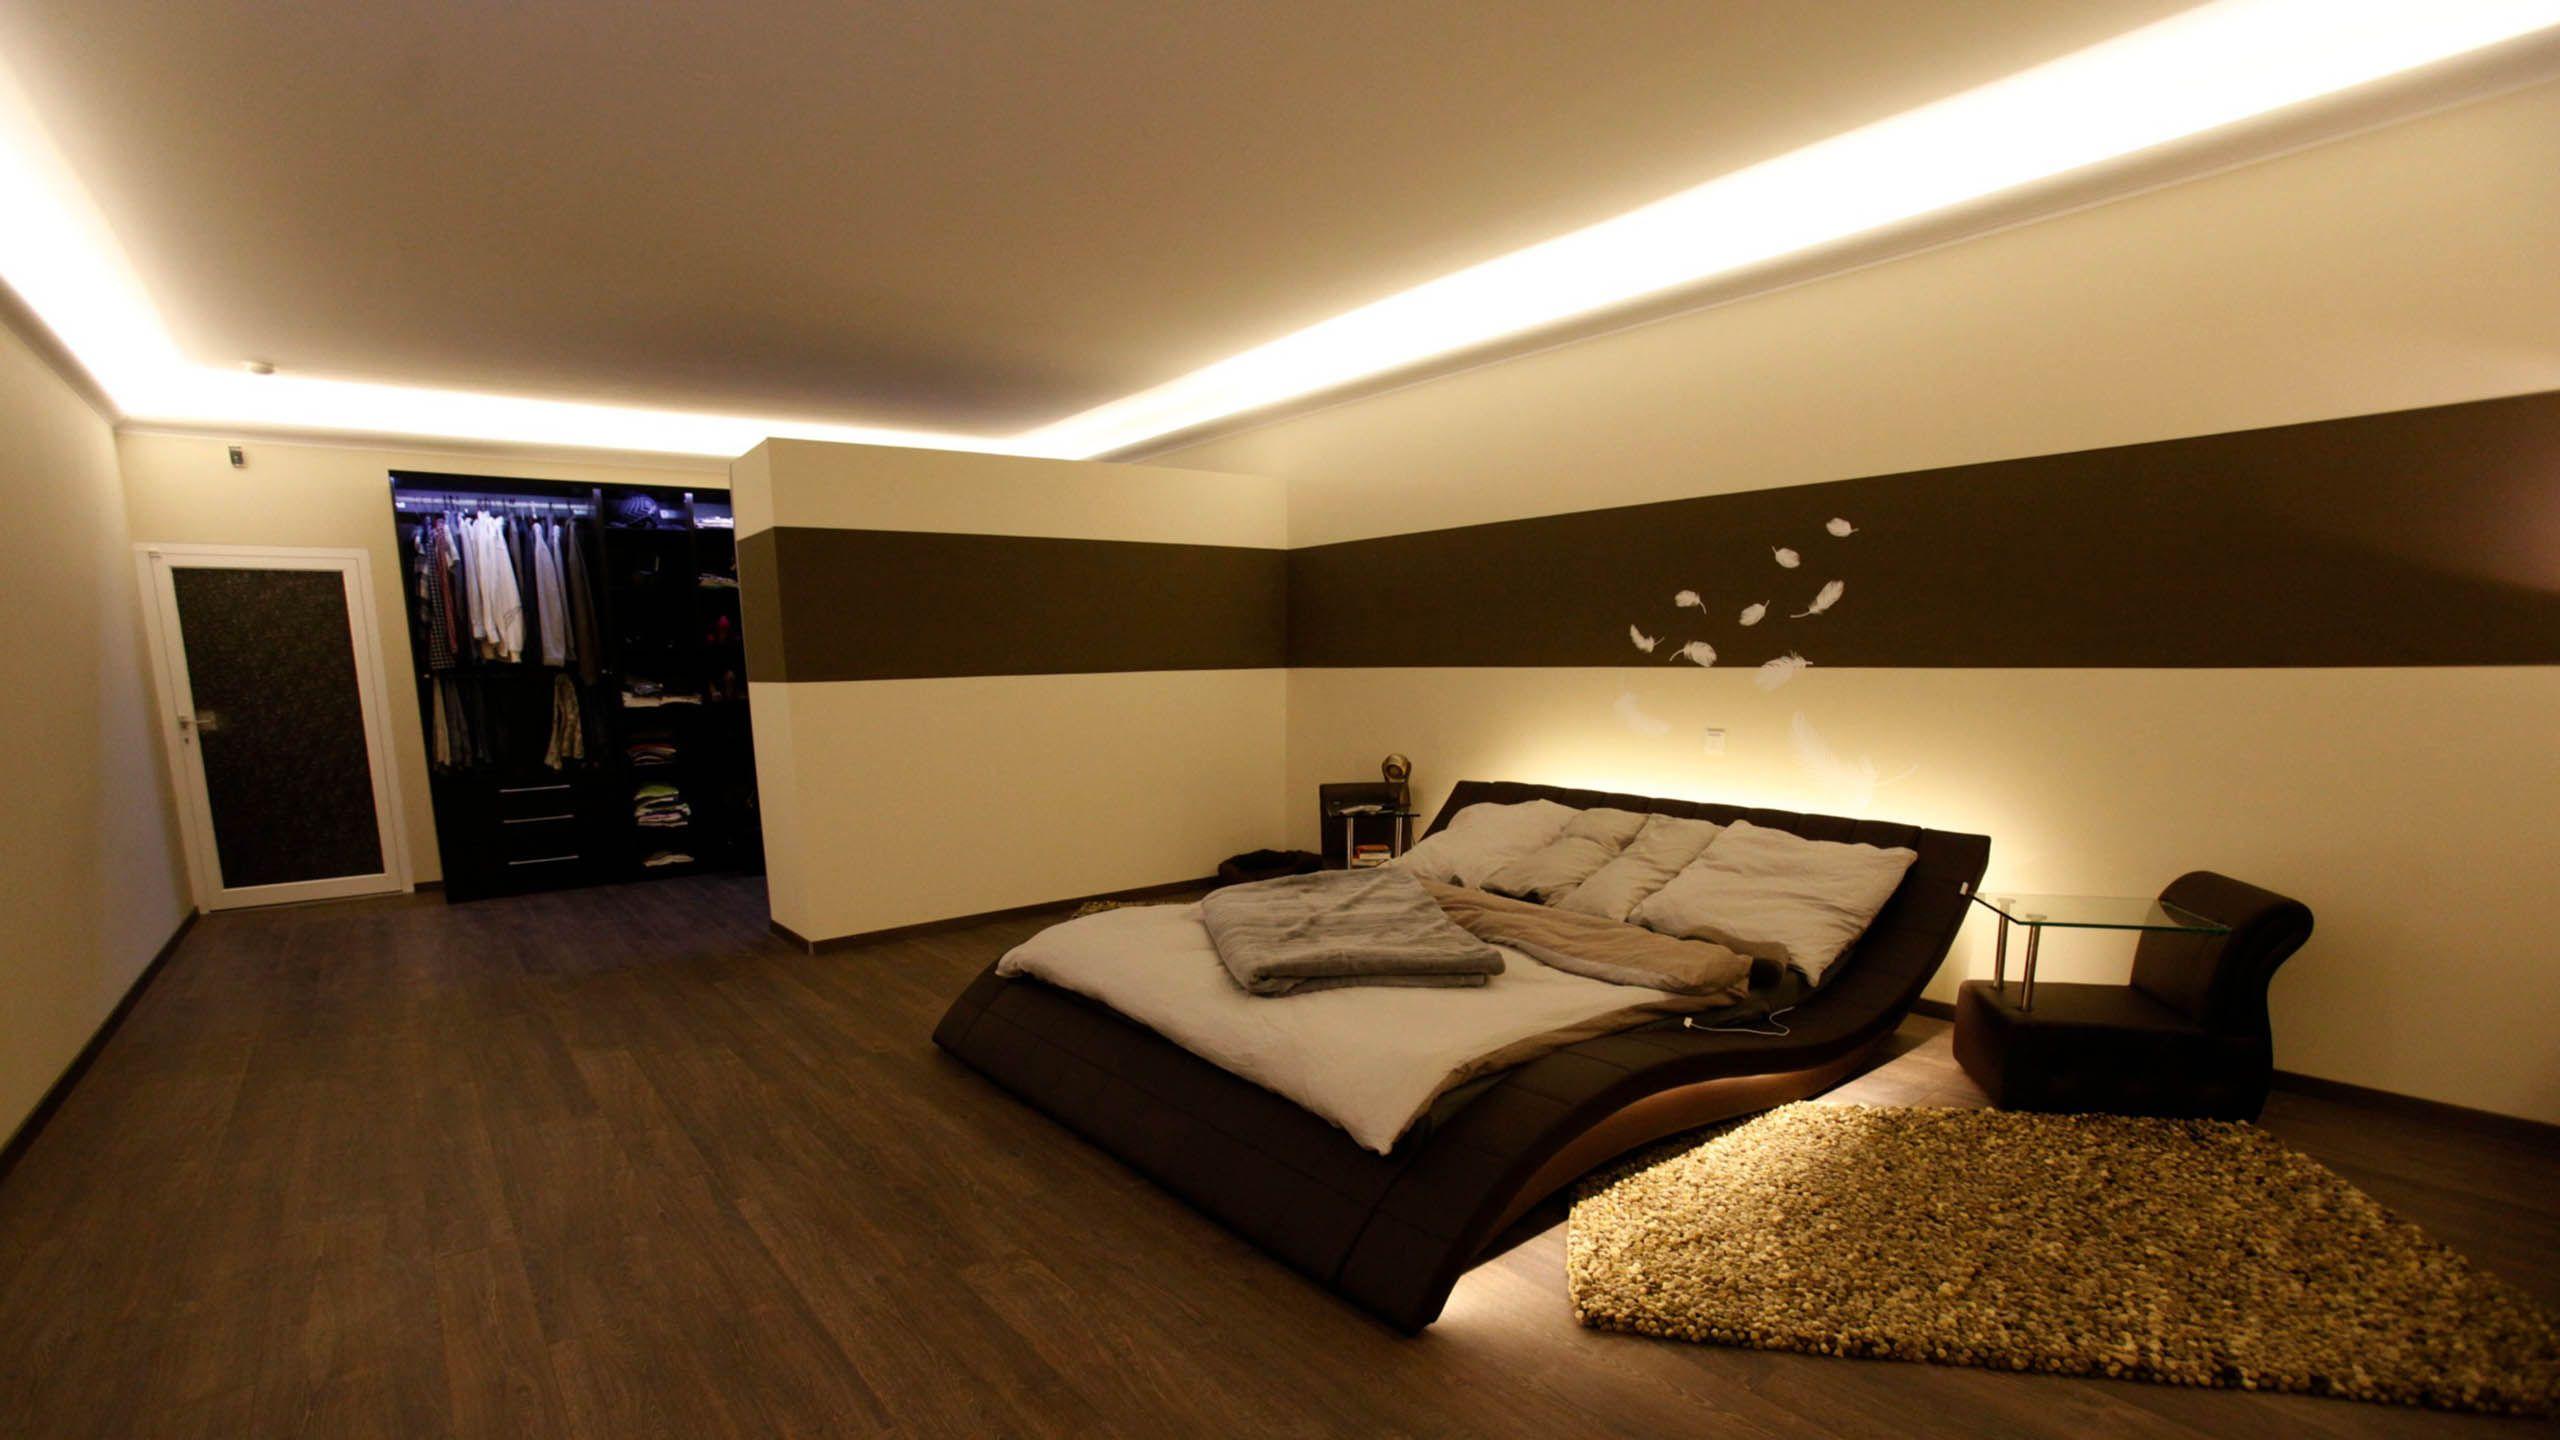 Stilvolle Indirekte Beleuchtung Der Decke Im Schlafzimmer Led Beleuchtung Wohnzimmer Deckenbeleuchtung Wohnzimmer Innenbeleuchtung